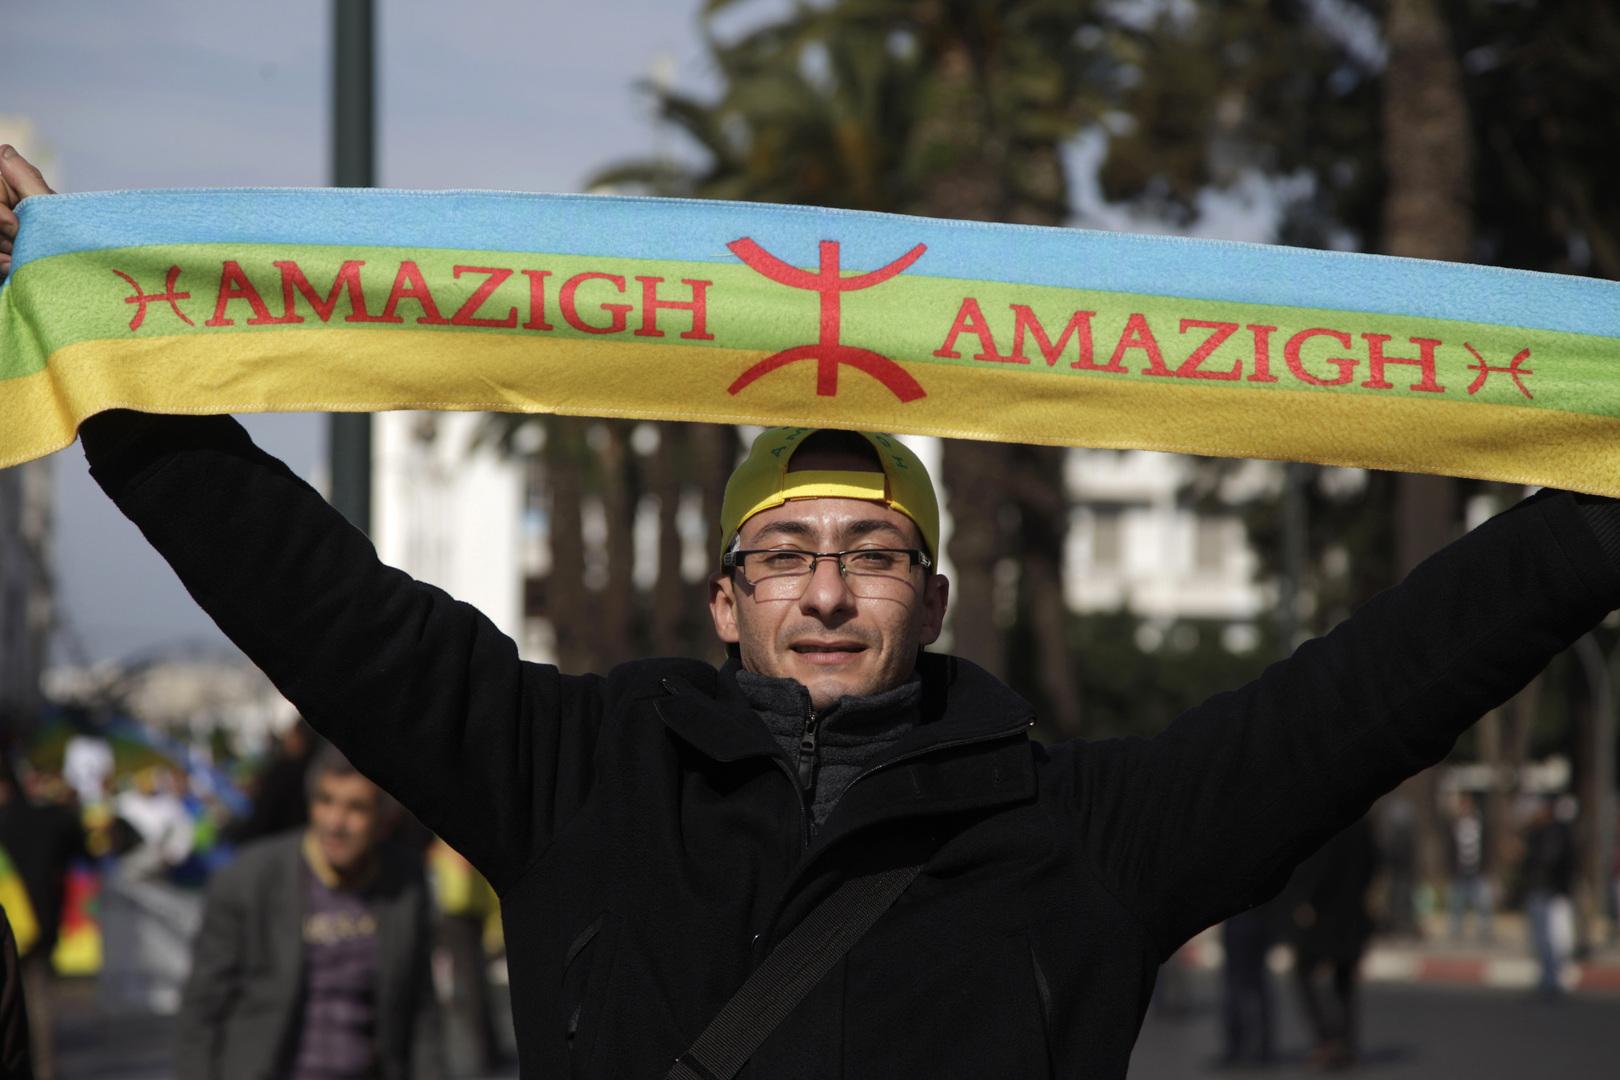 رجل أمازيغي محلي يحضر مظاهرة احتفالية بالسنة الأمازيغية الجديدة في العاصمة المغربية الرباط